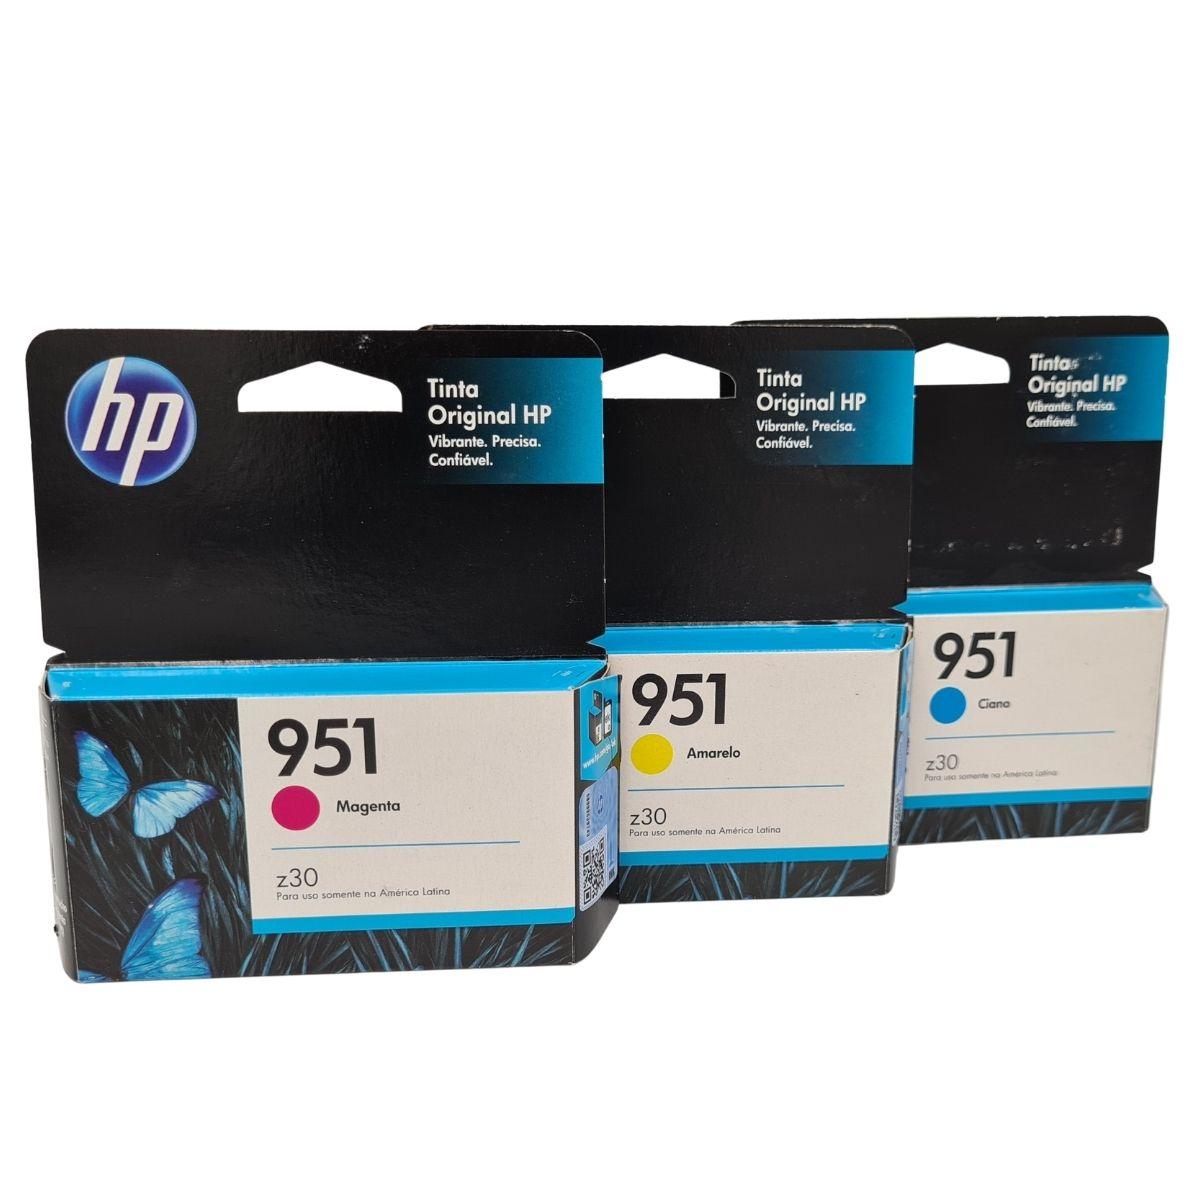 Kit 3 Cartuchos HP951 Ciano Magenta Amarelo para HP Officejet 8100 8600 8610